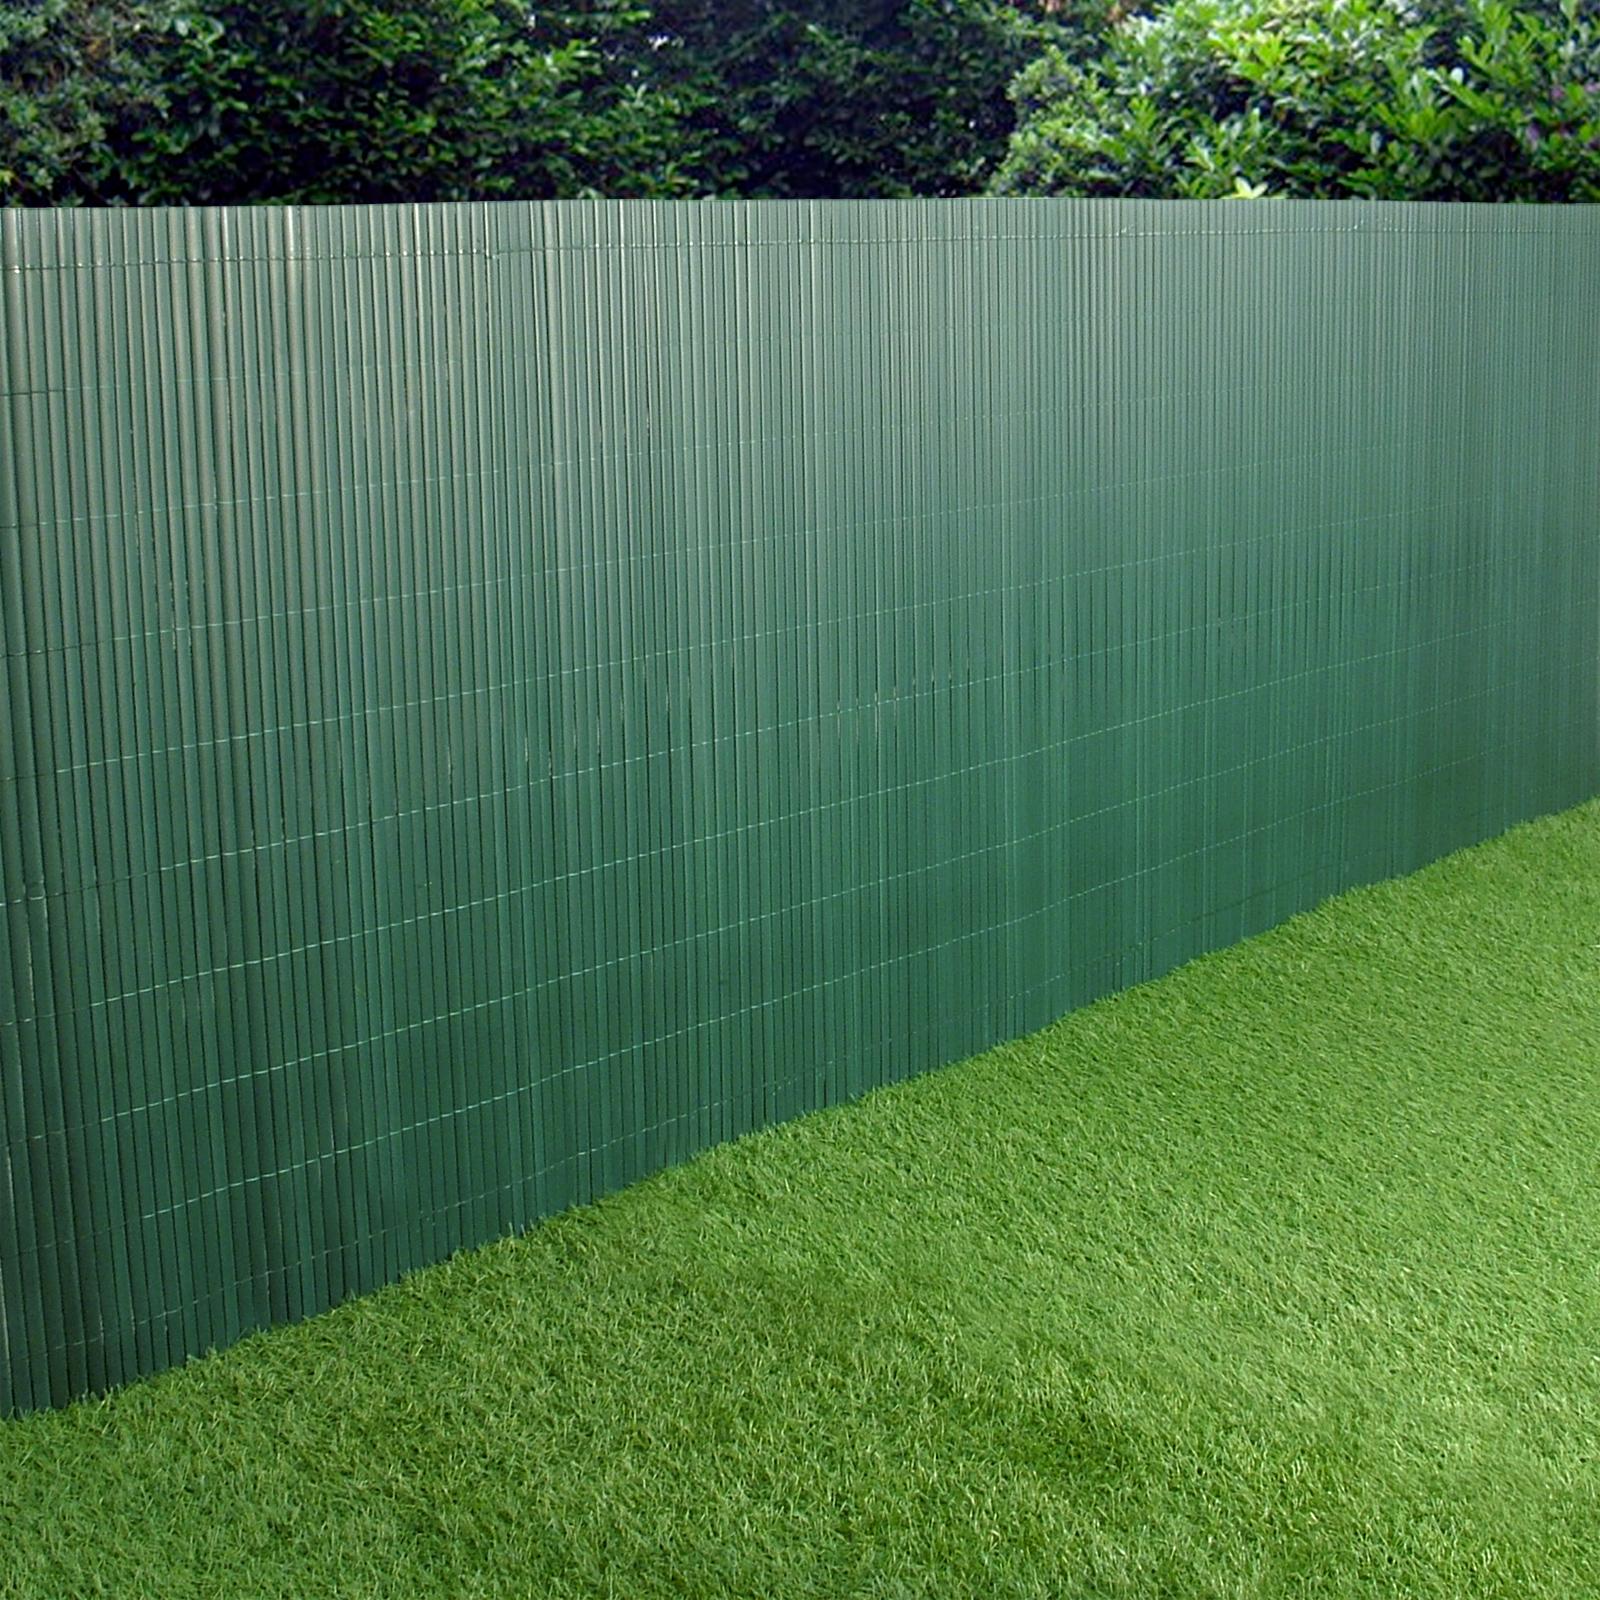 Pvc jardin cl ture cran du panneau en plastique double face 3m vert 1m long tal ebay - Cloture jardin en pvc ...